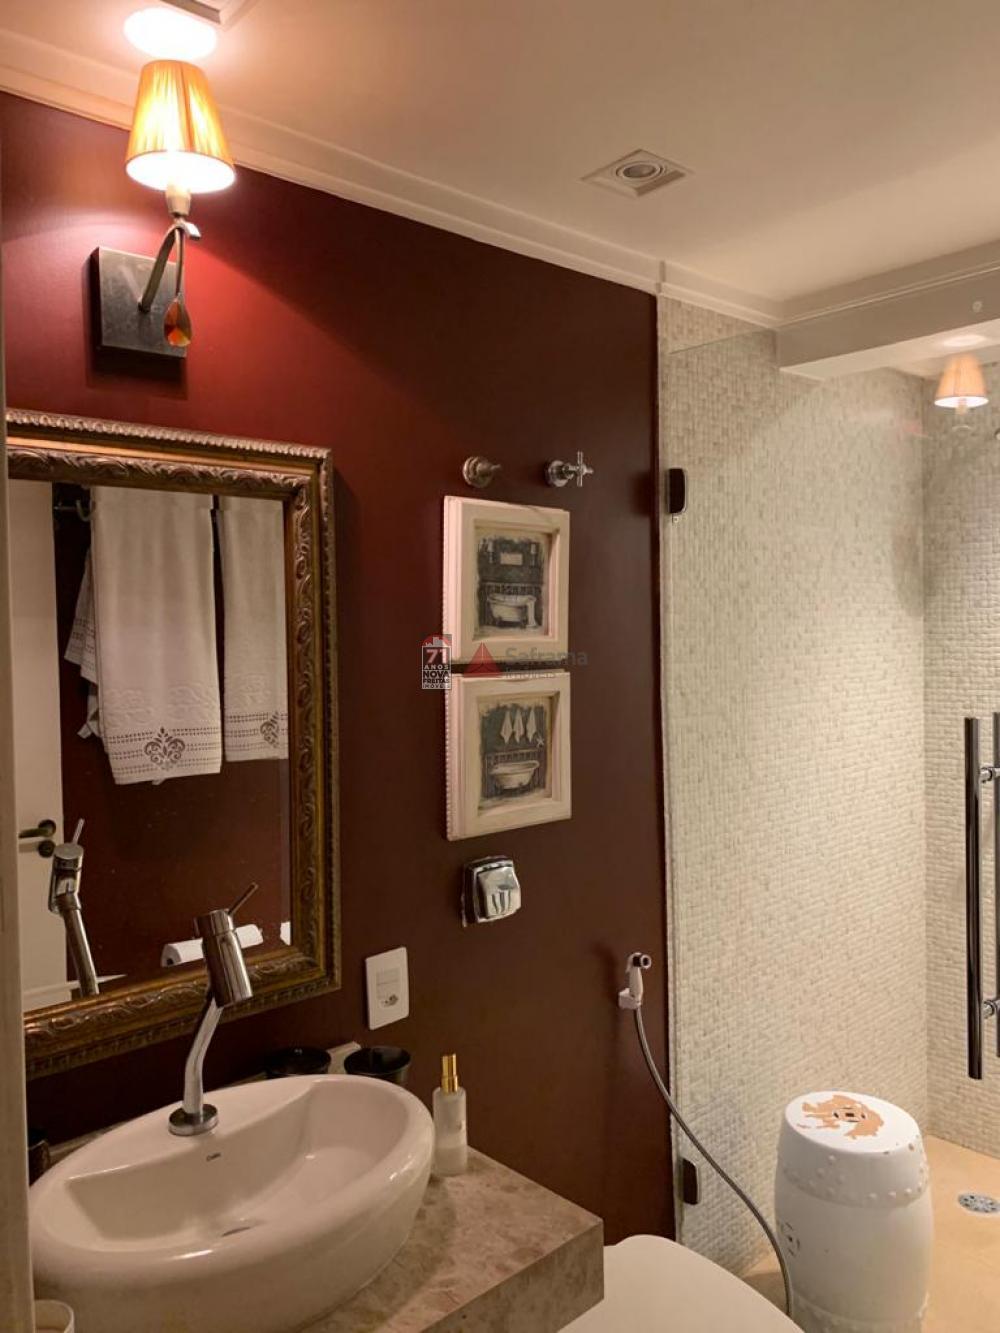 Comprar Apartamento / Padrão em São José dos Campos apenas R$ 580.000,00 - Foto 4